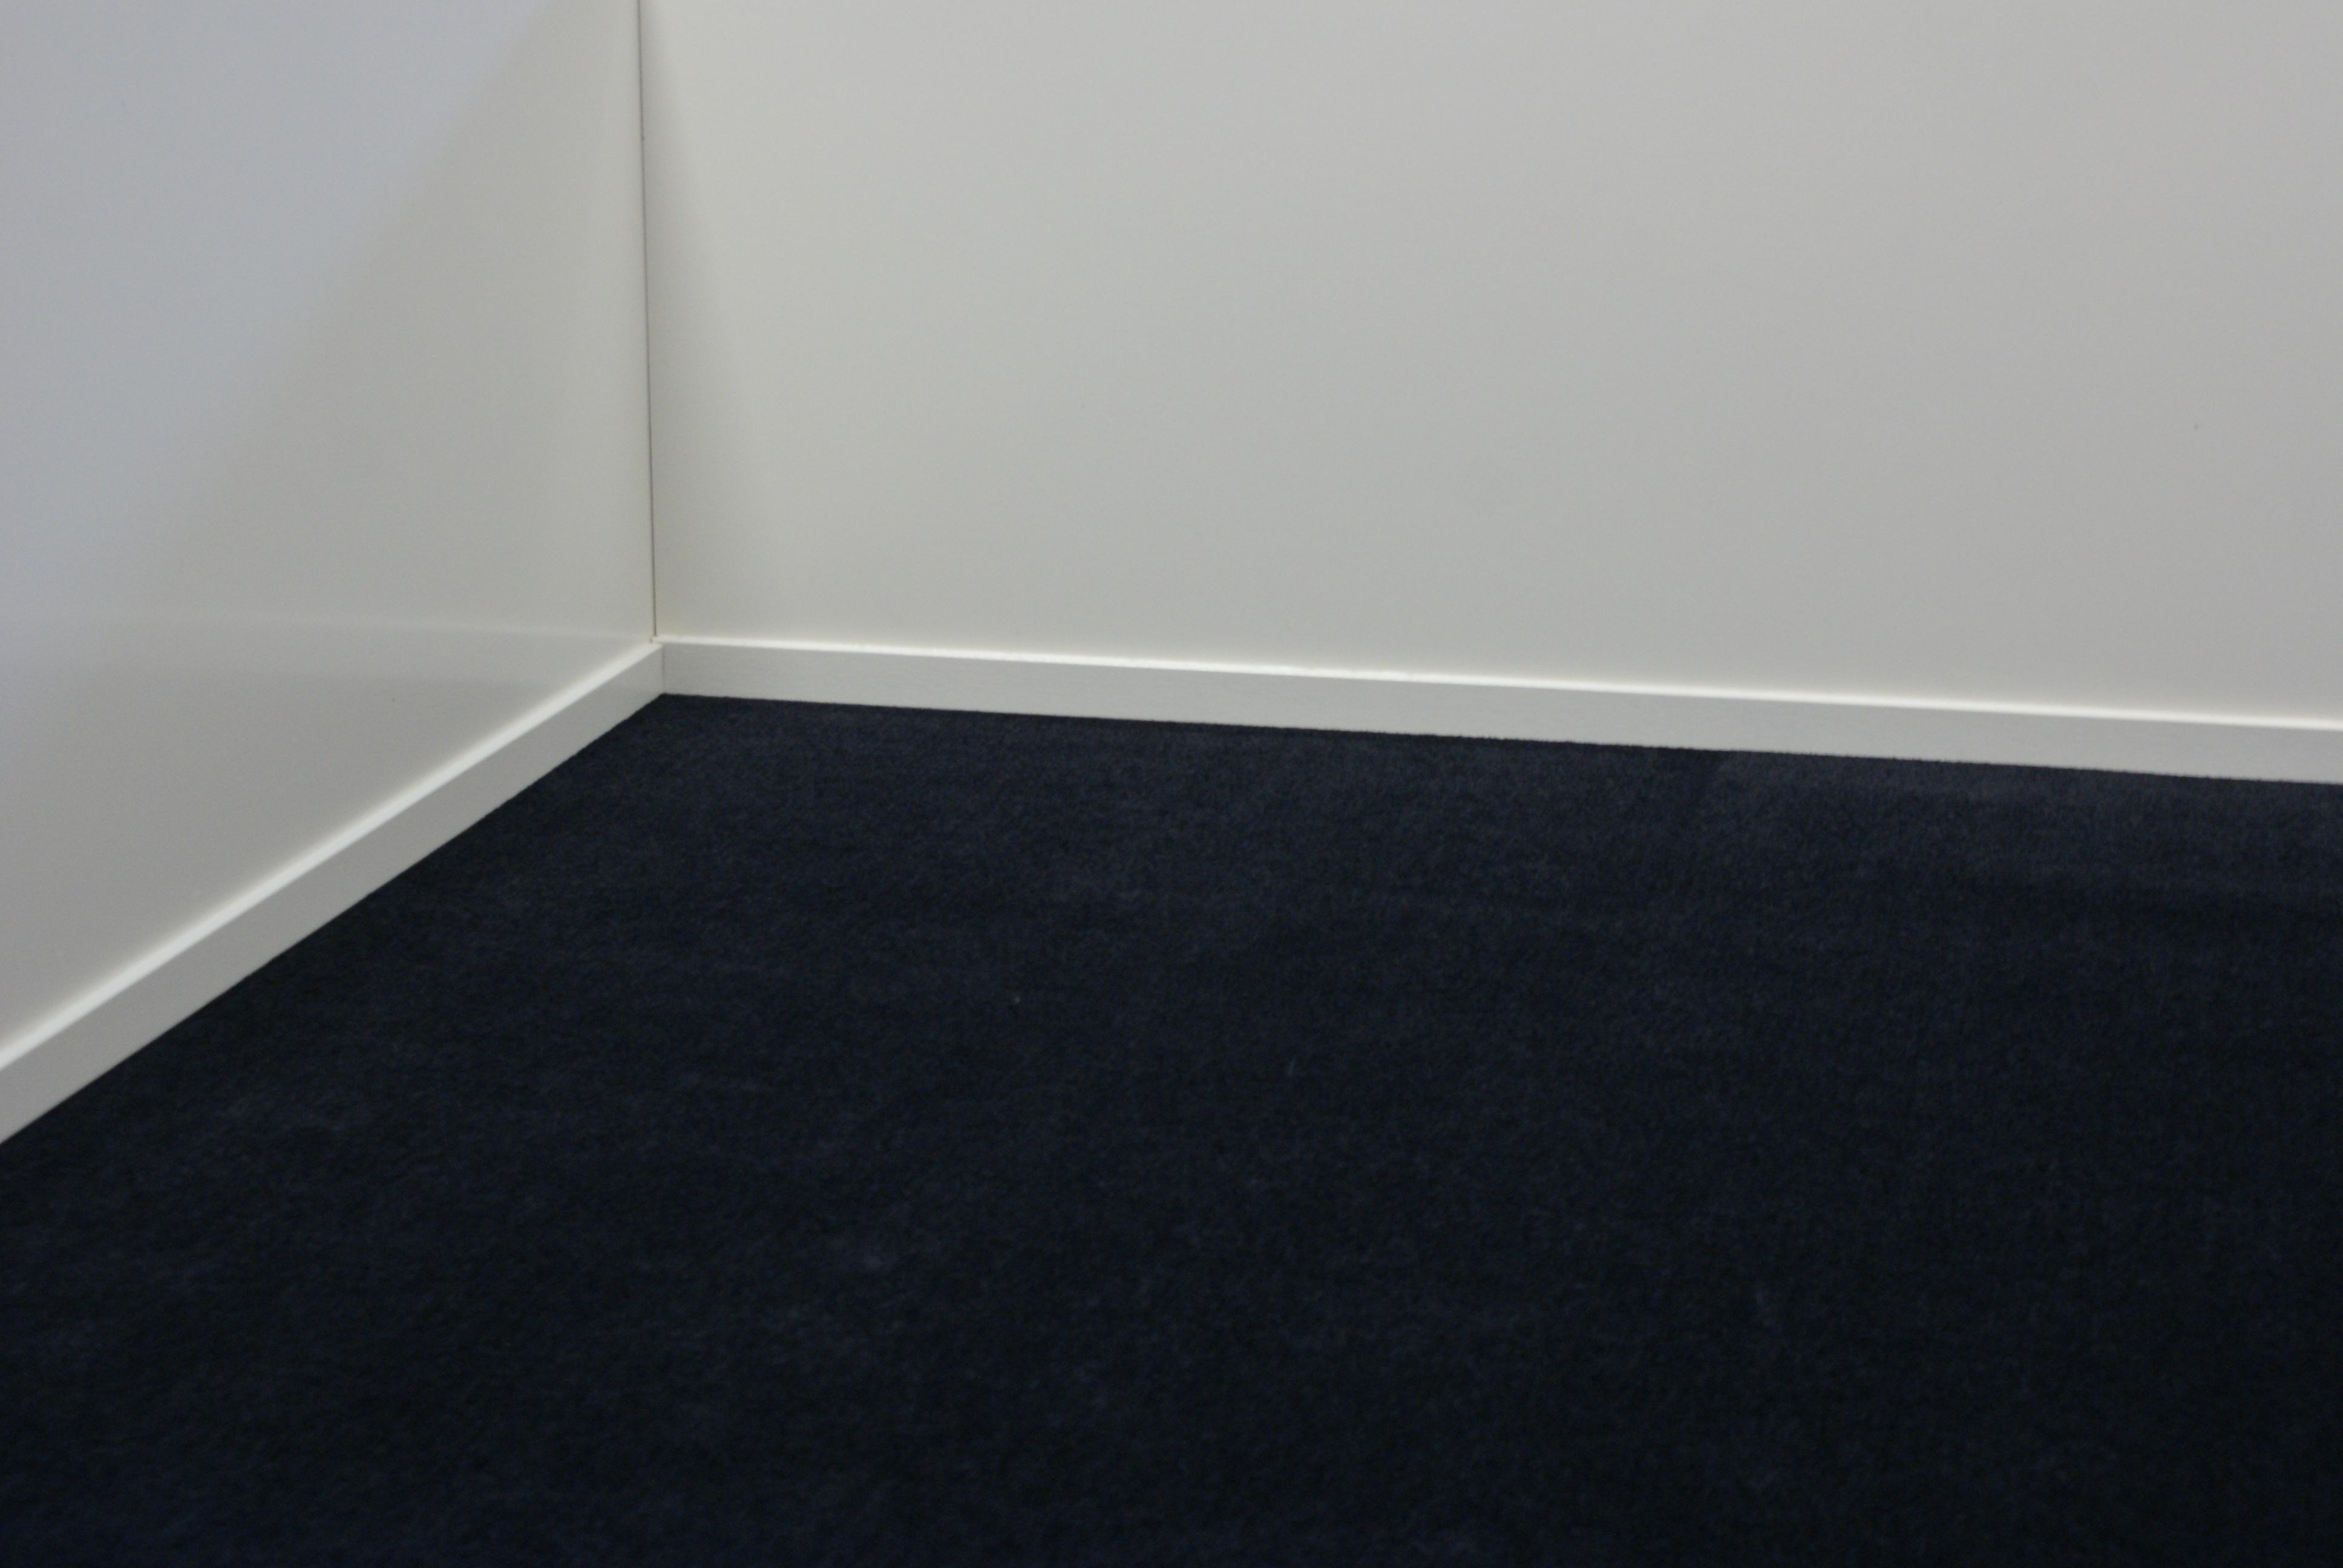 Zwart tapijt e tapijten - Tapijt voor volwassen kamer ...